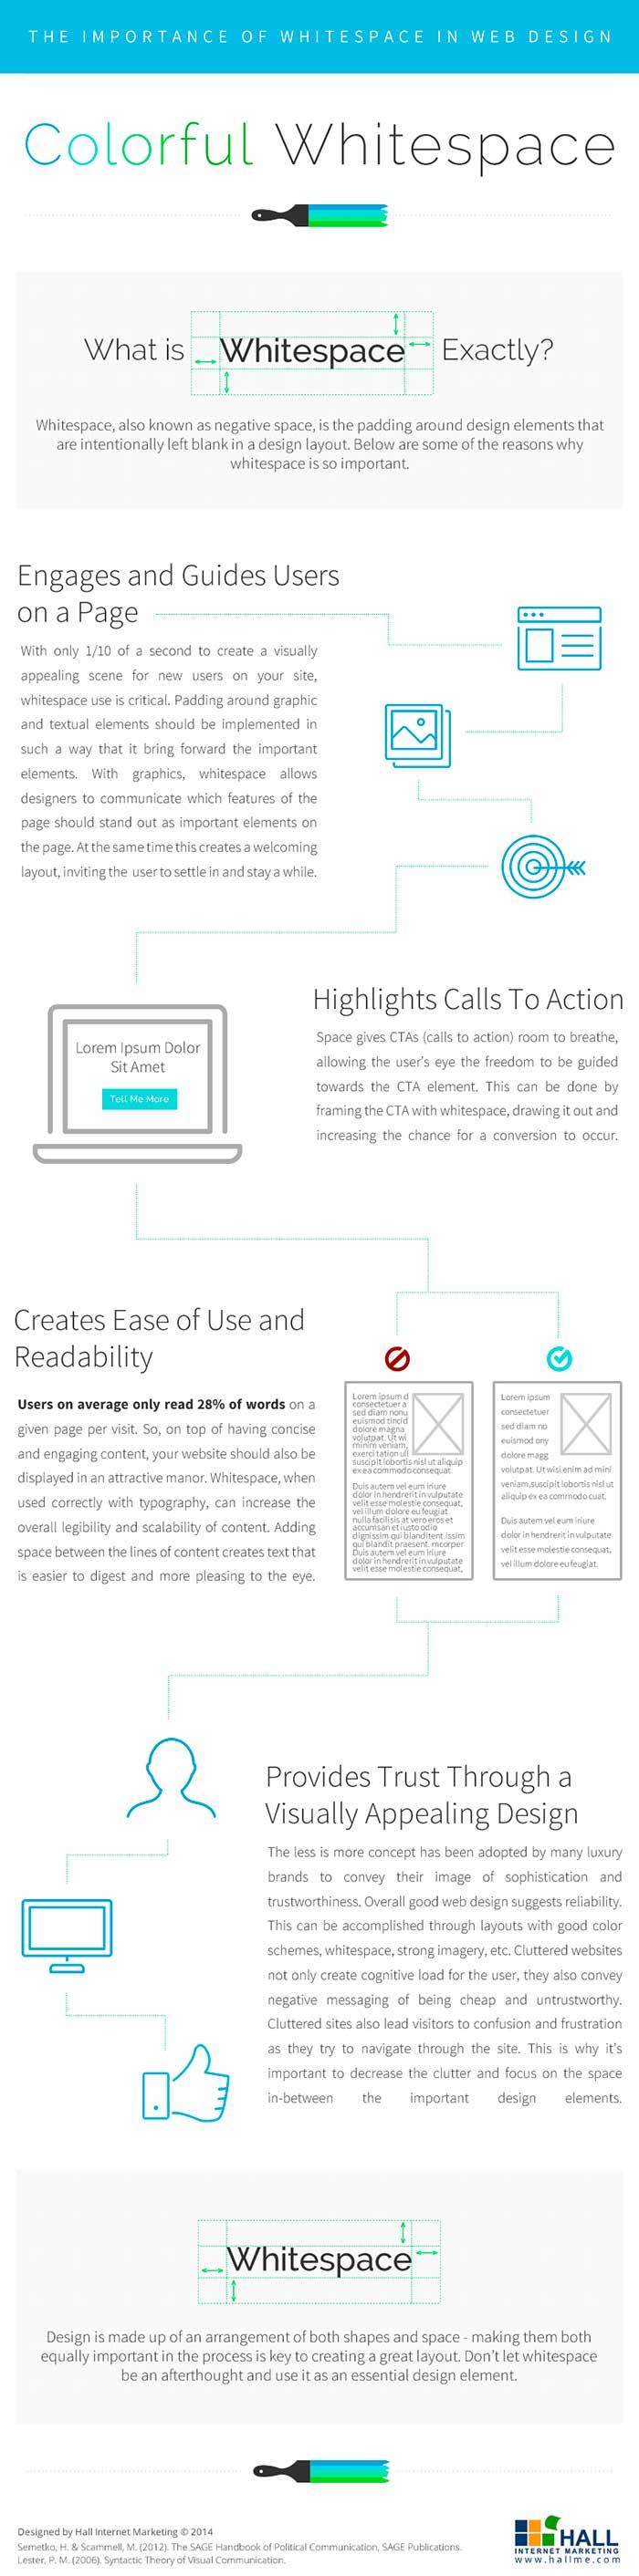 Infografia sobre la importancia del espacio en blanco en el diseño web